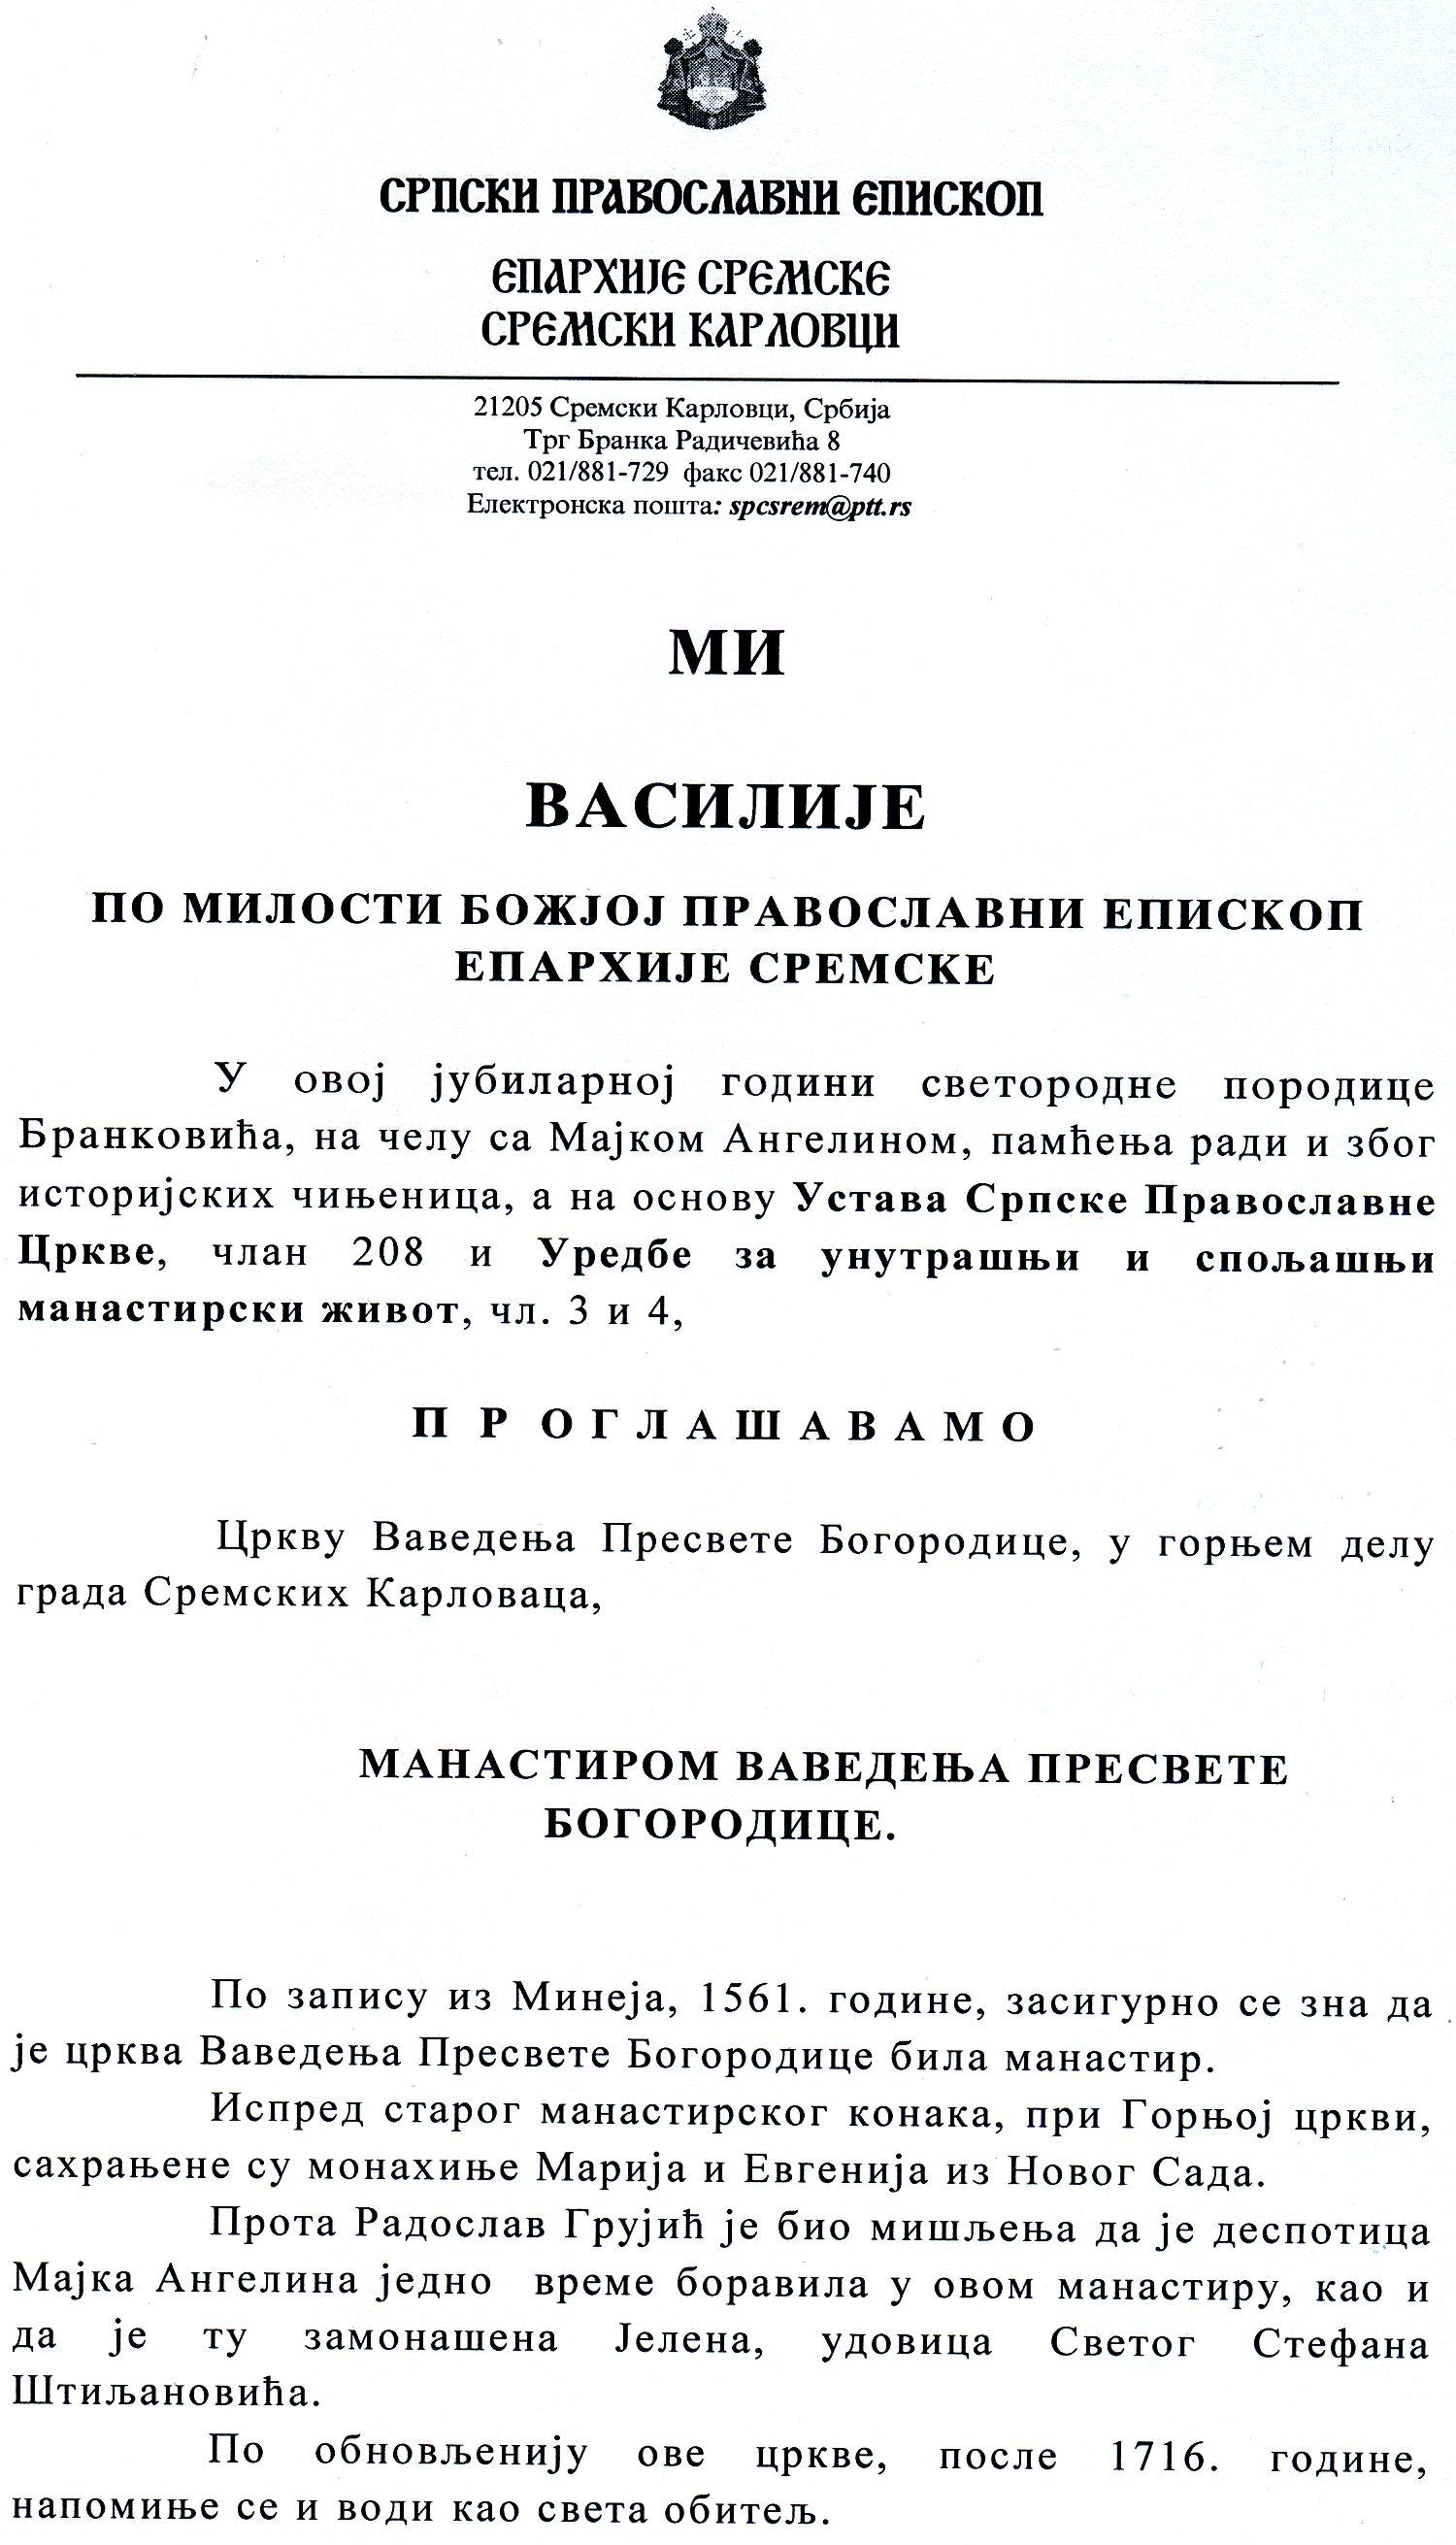 Акт о оснивању новог манастира